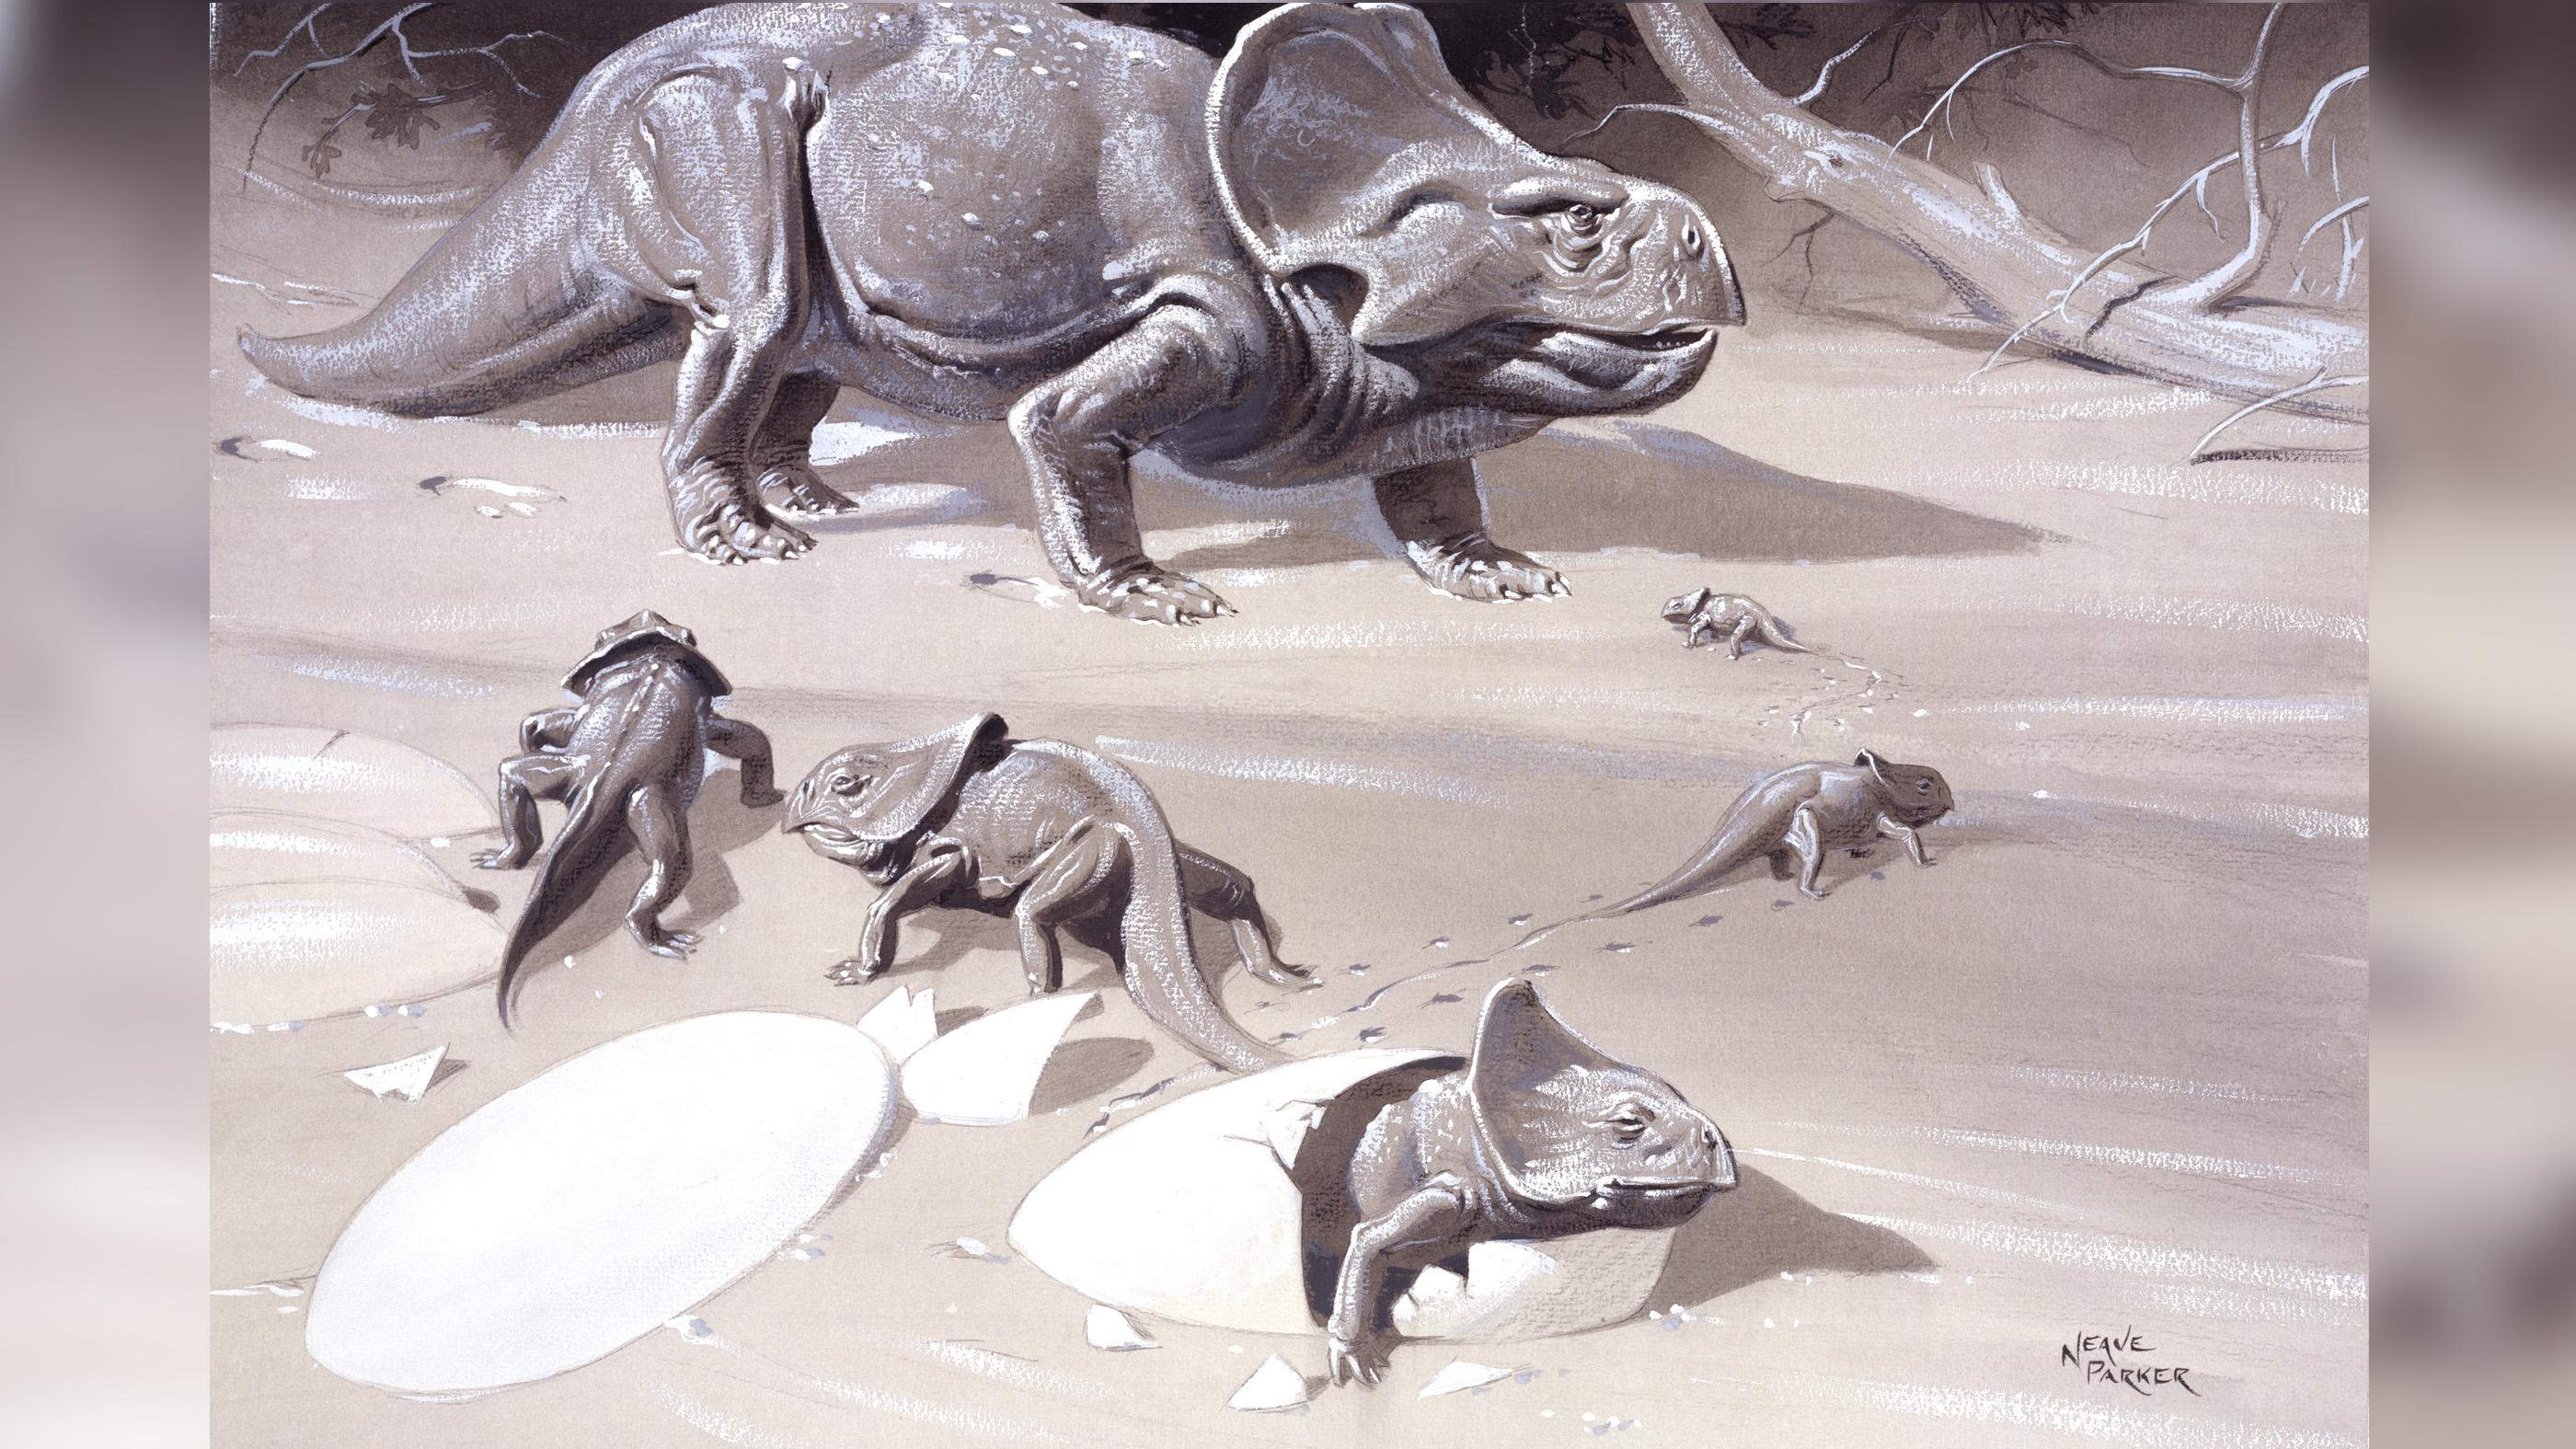 Dans le concept de cet artiste, un Protoceratops adulte est vu avec ses petits.